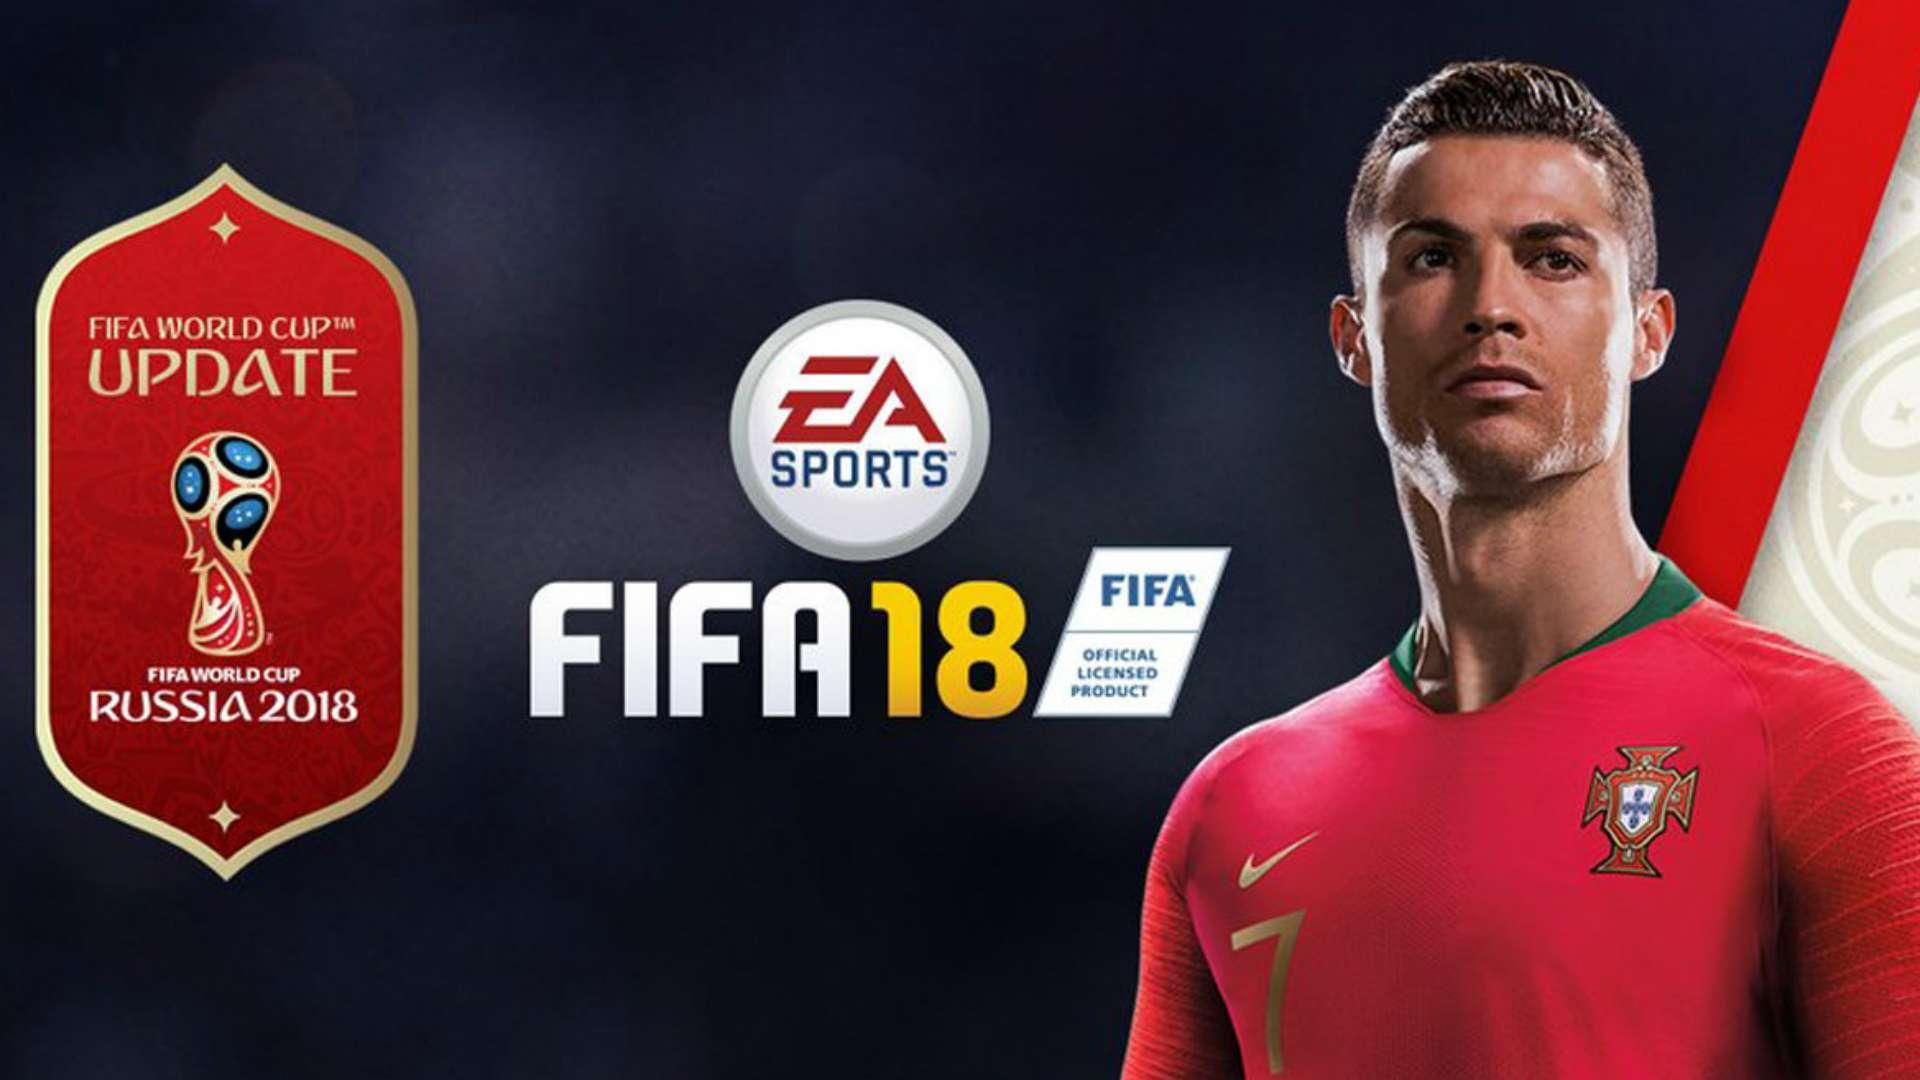 download fifa 18 original game